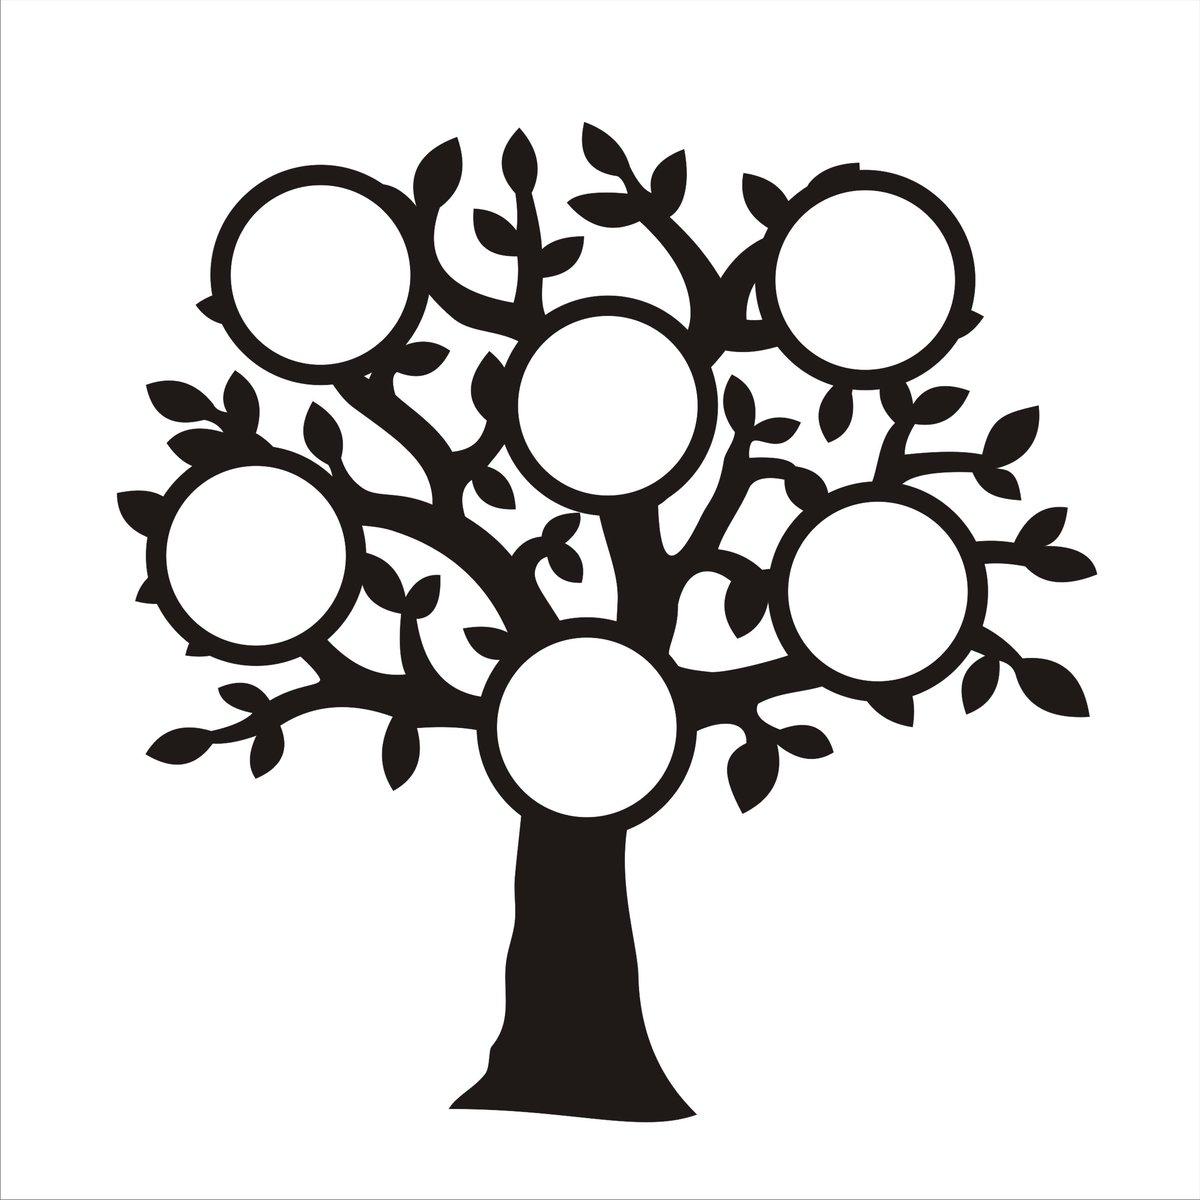 получения рисунок семейное дерево картинки управлять молниям